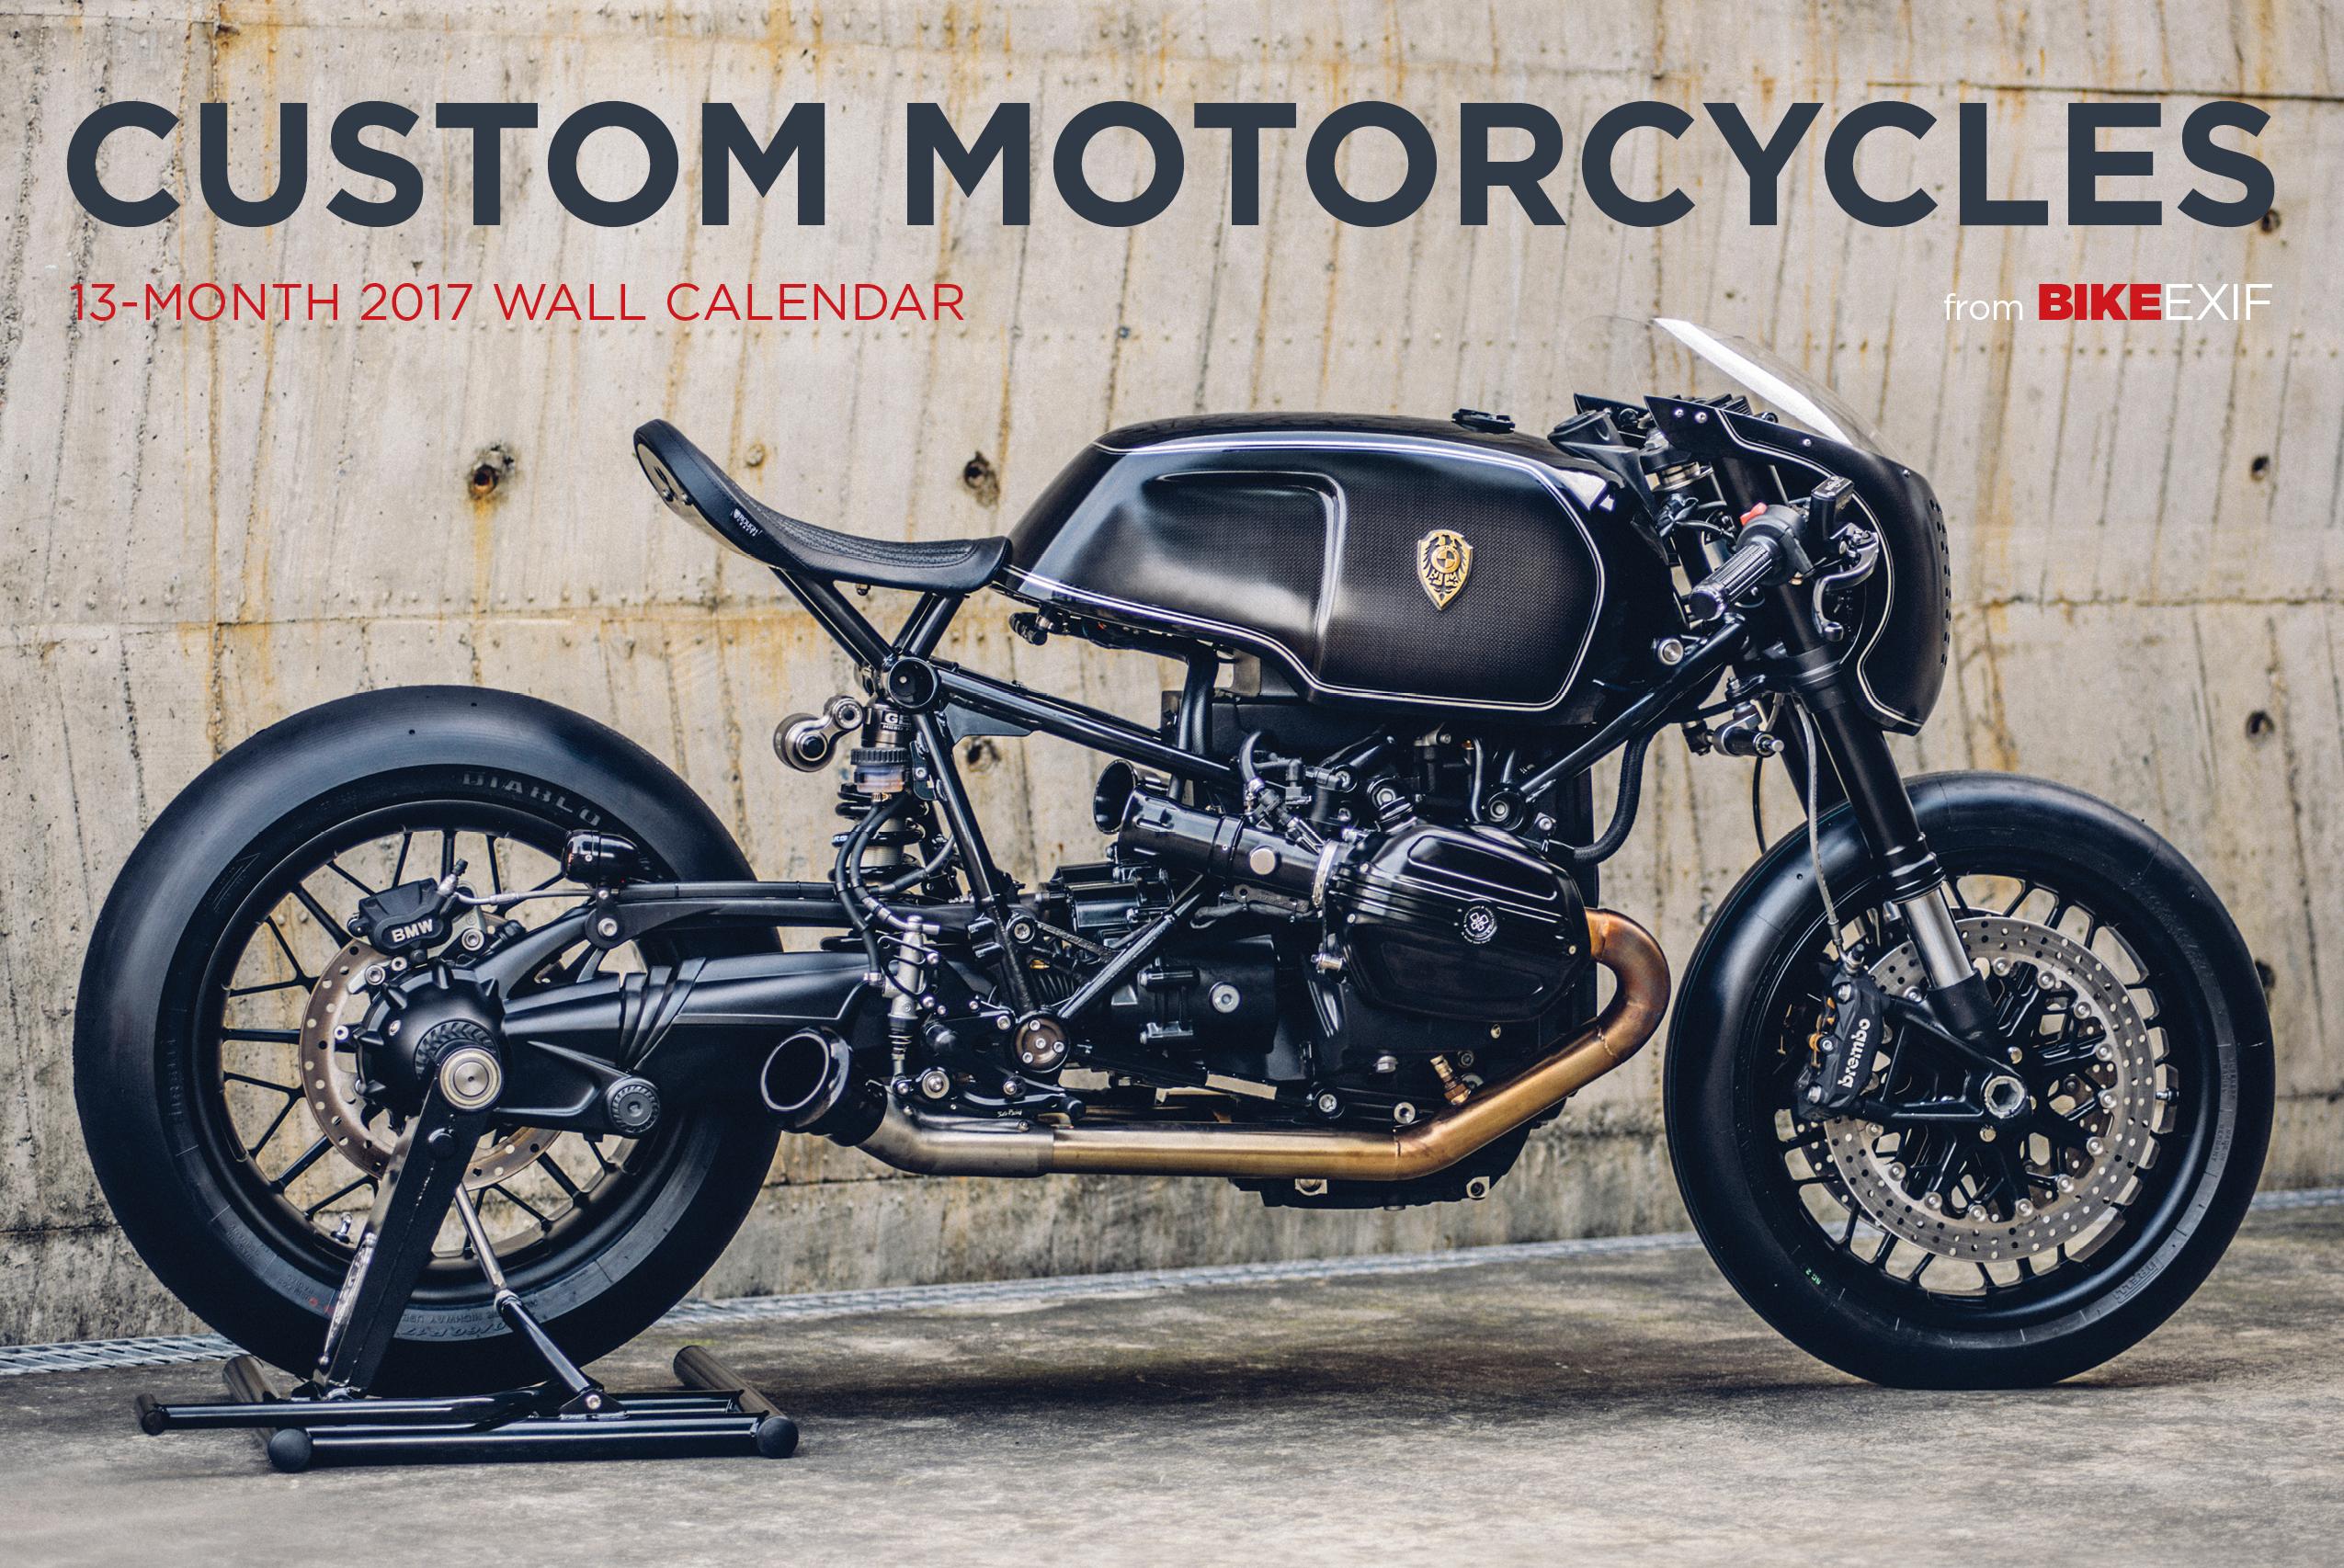 Motorcycle Custom: Bike EXIF Custom Motorcycle Calendar 2017